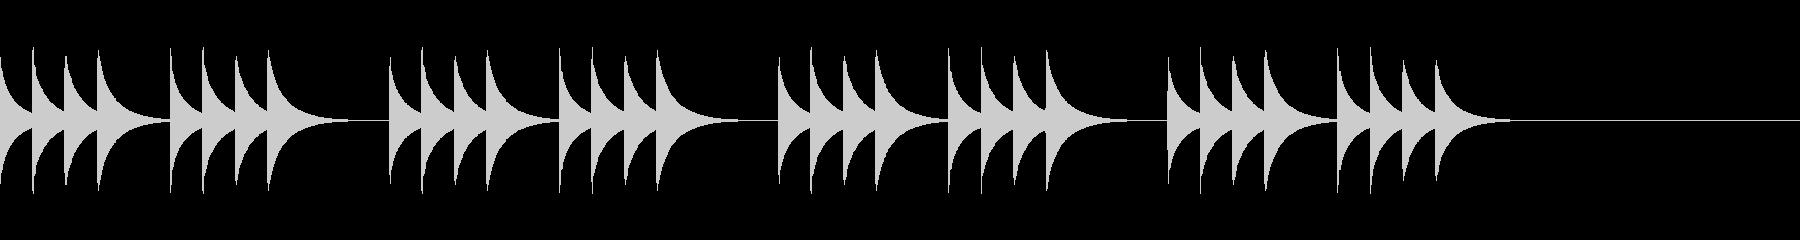 柔らかいコール音06の未再生の波形